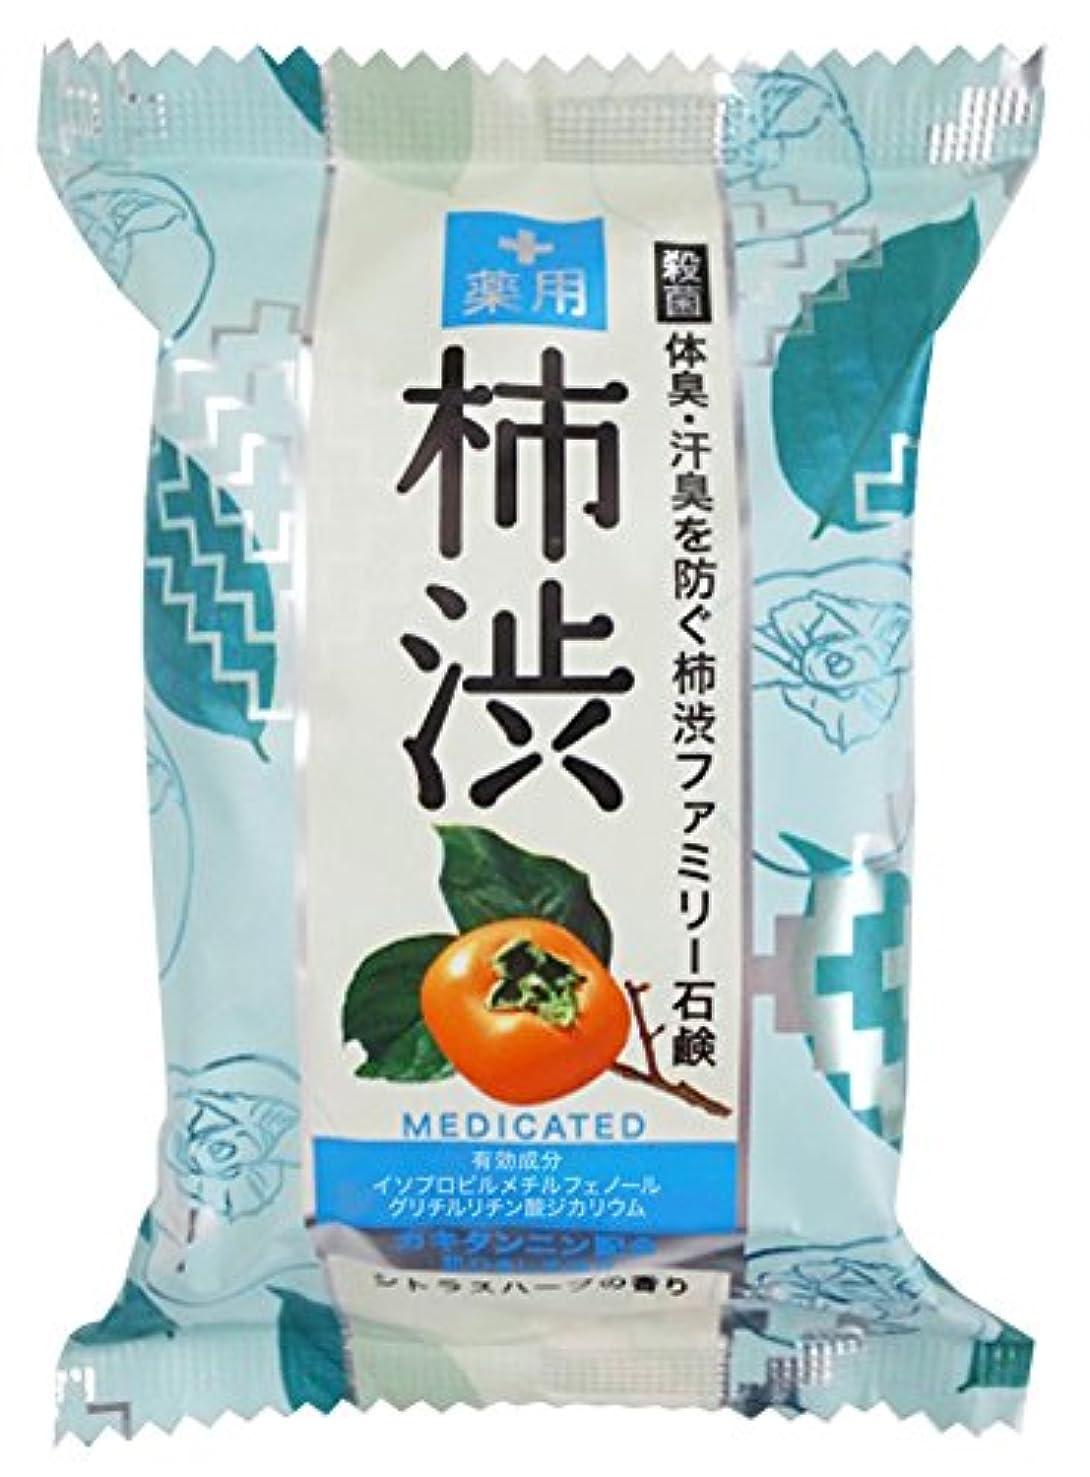 忌避剤雨の腹ペリカン石鹸 薬用ファミリー柿渋石鹸